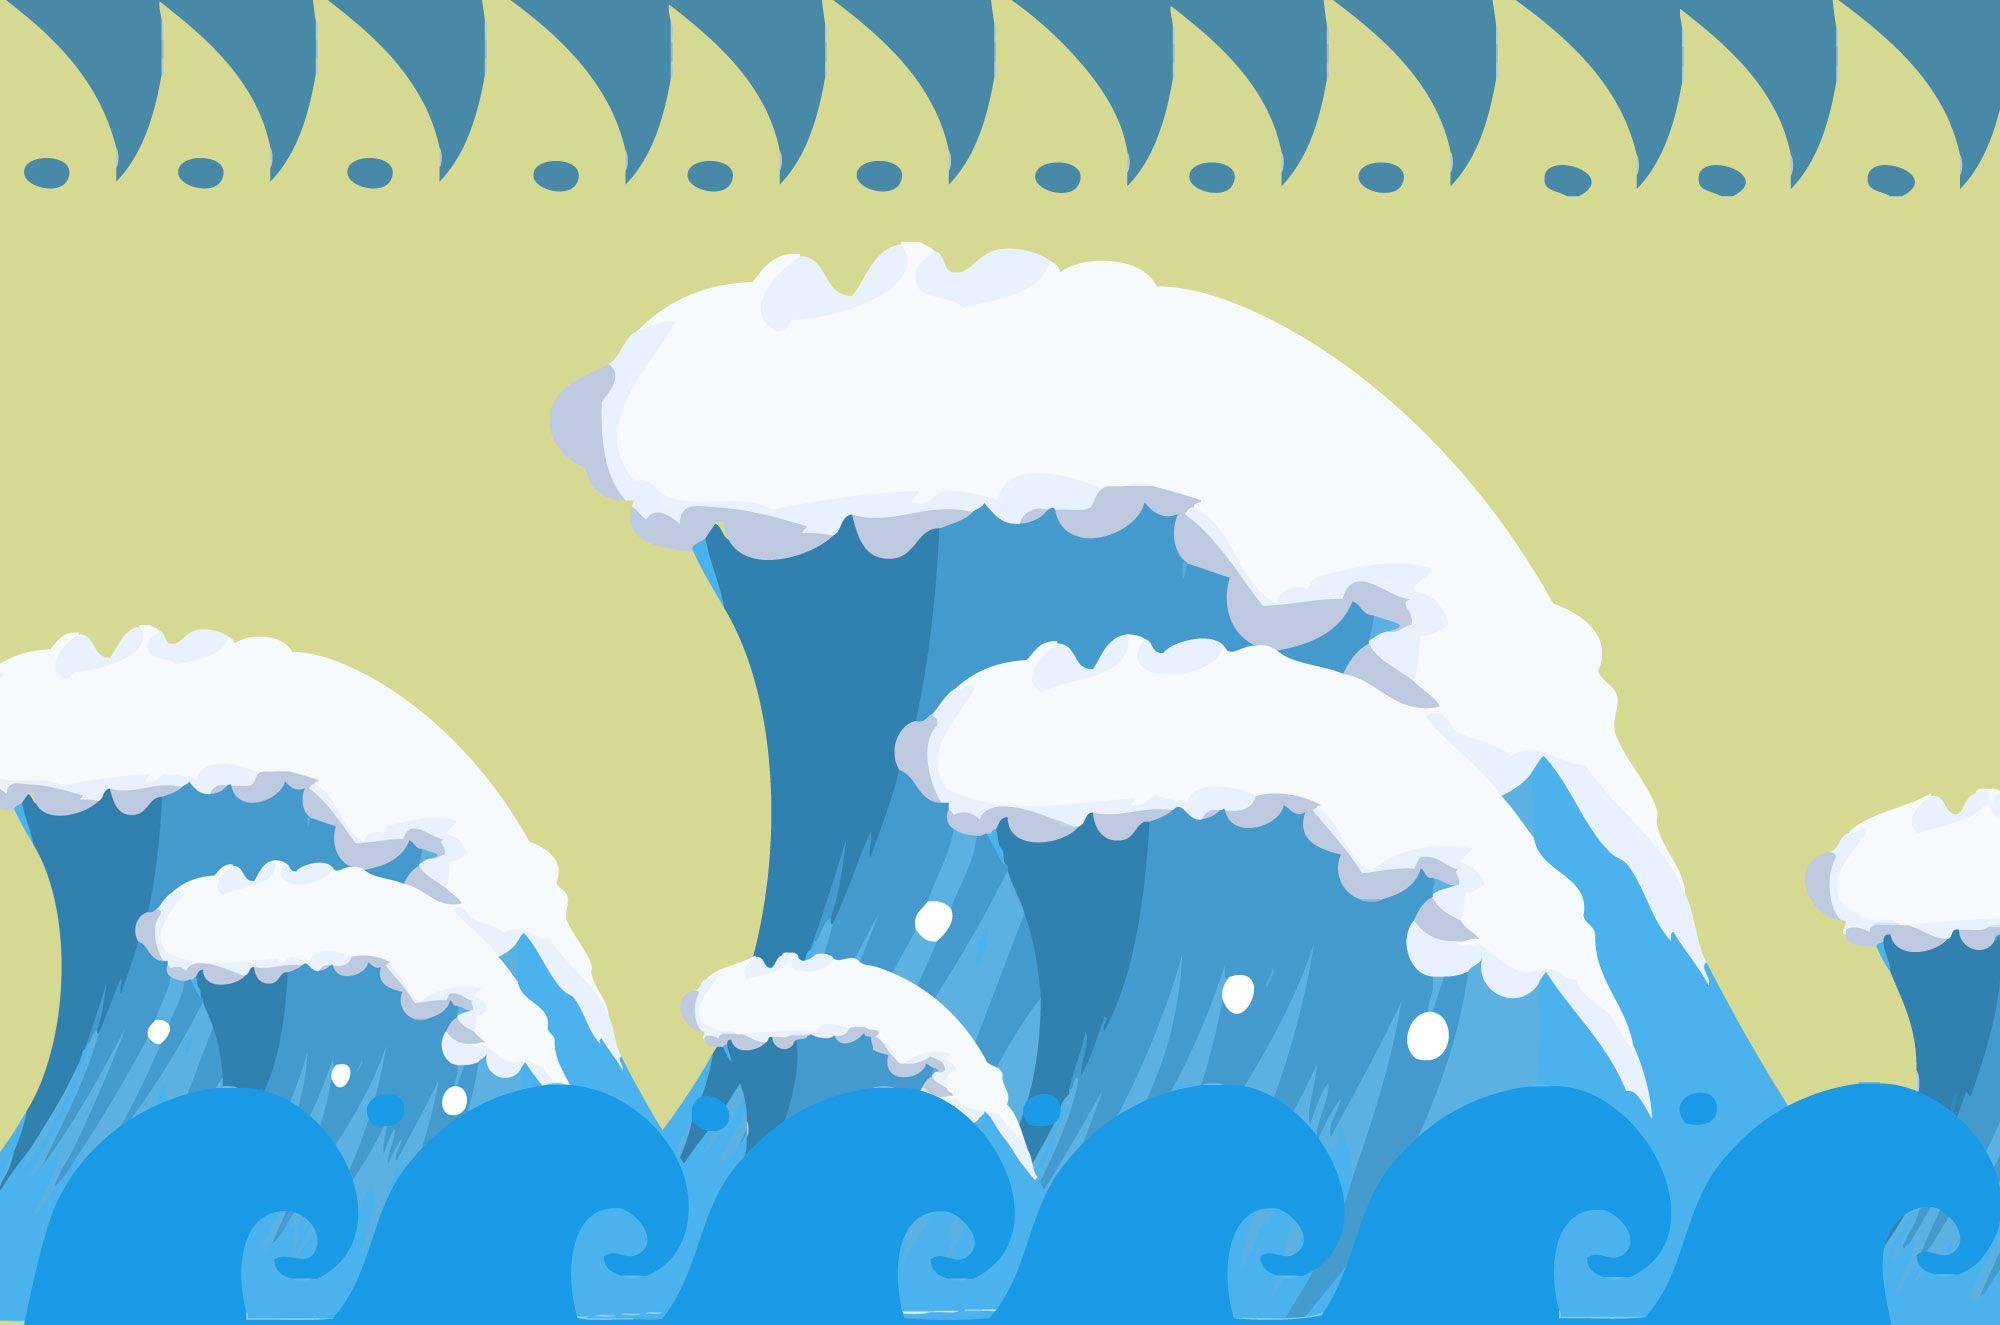 波イラスト 荒々しい海の無料素材 ベクターアイテムも 波